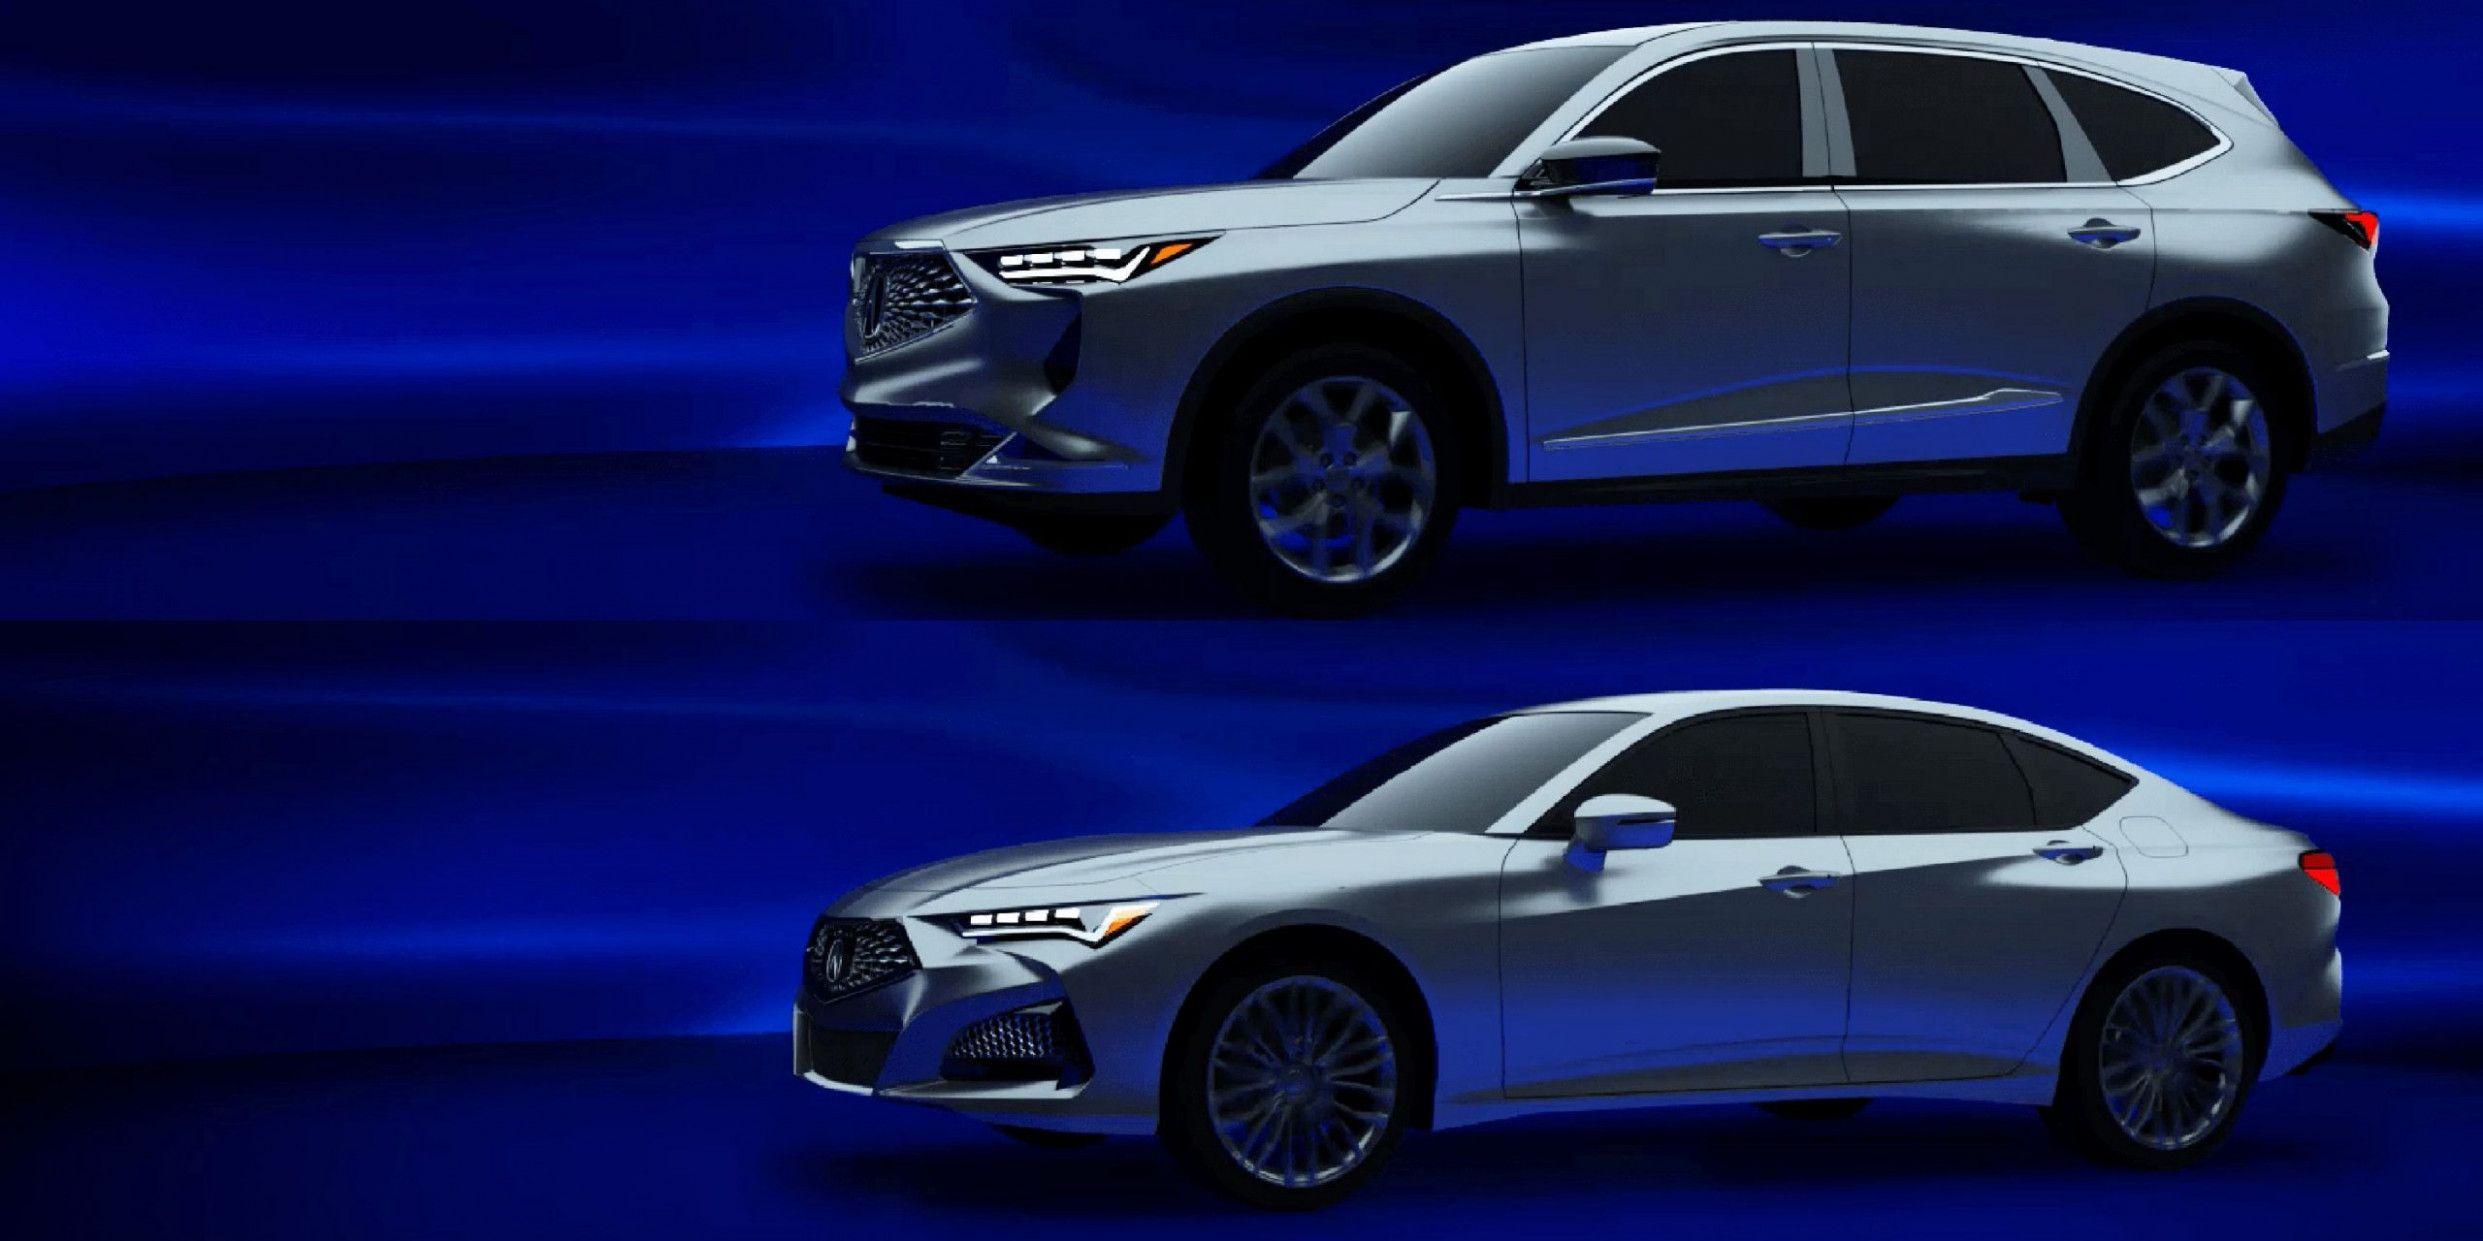 2021 Acura Mdx Rumors Prices di 2020